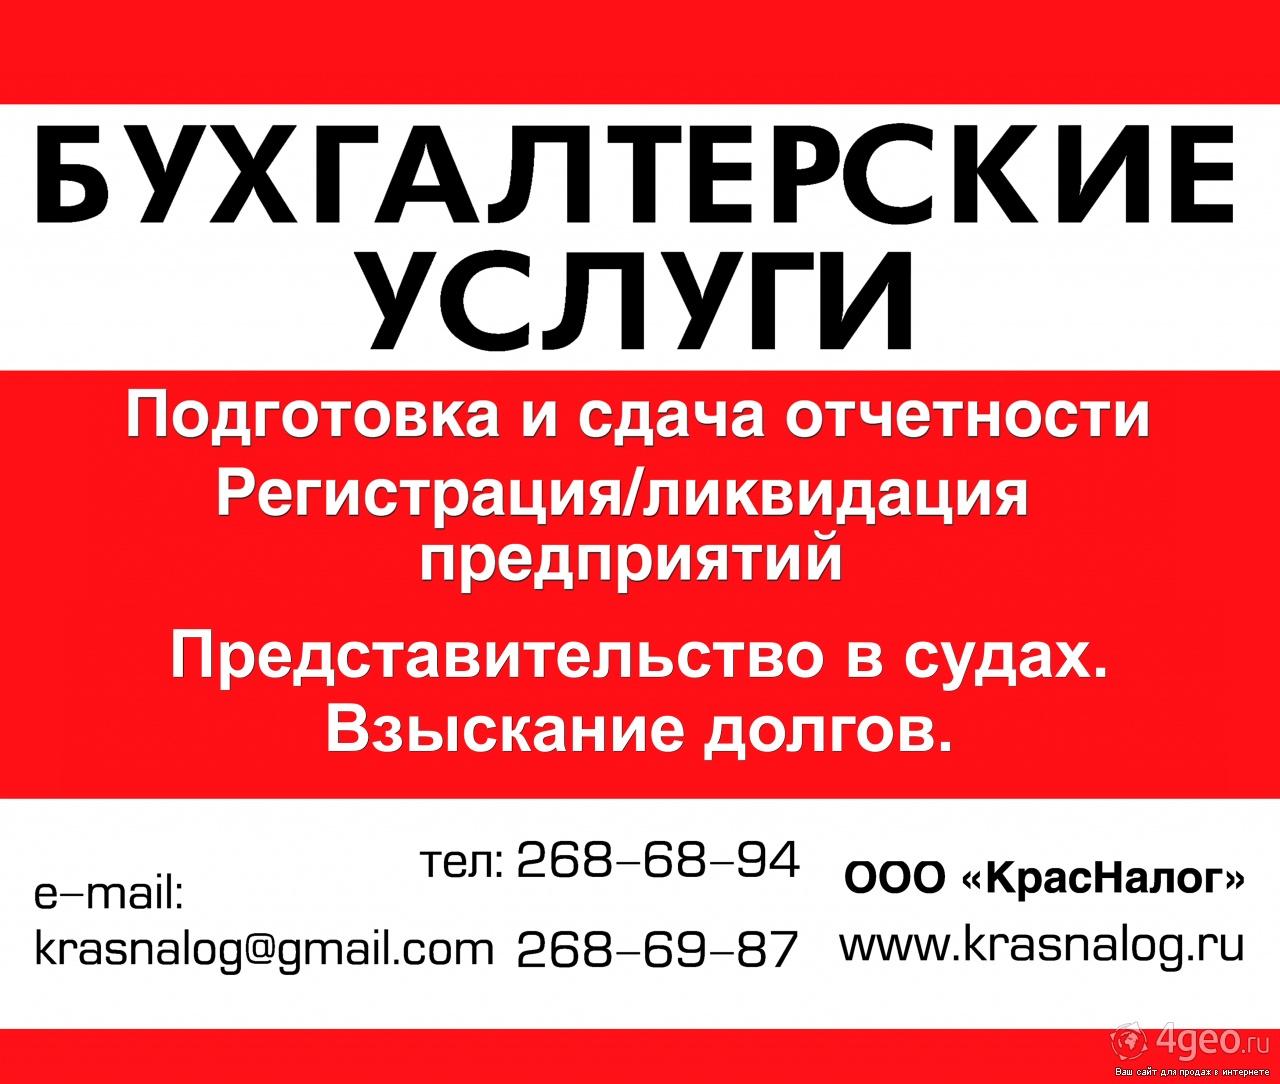 Реклама юридических и бухгалтерских услуг вакансии для бухгалтера на дому екатеринбург